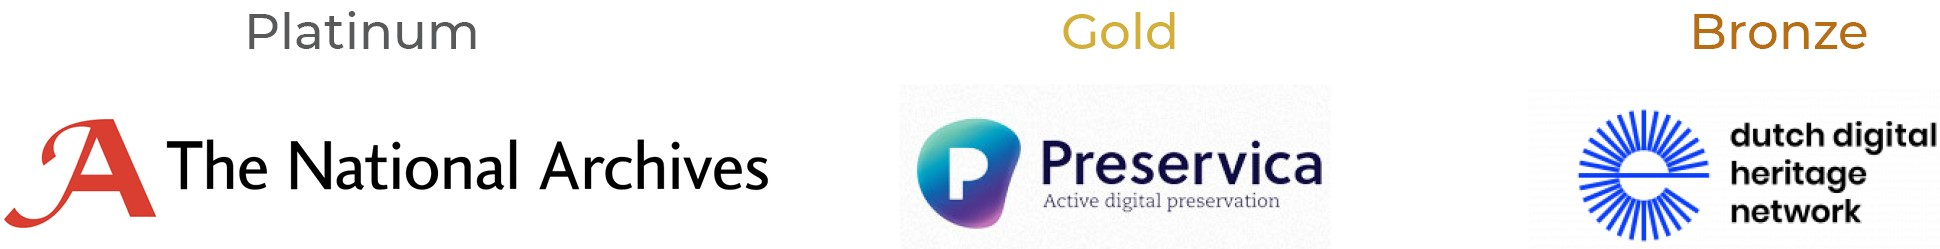 opfcon sponsor logos